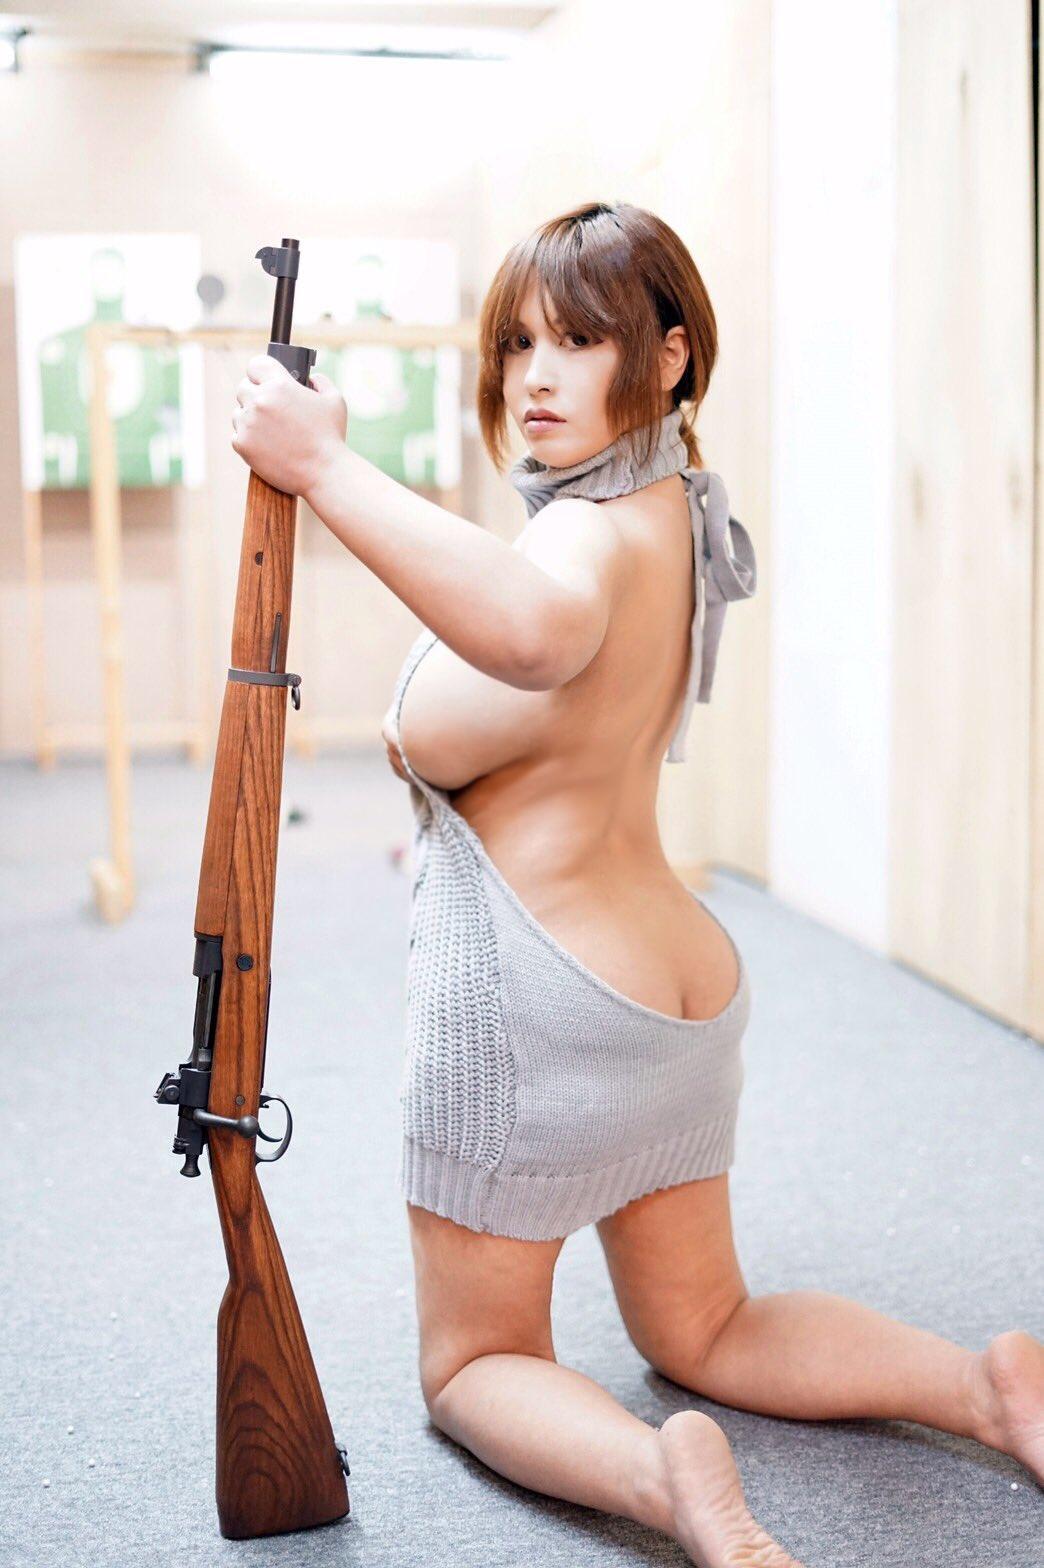 Girls with guns porn